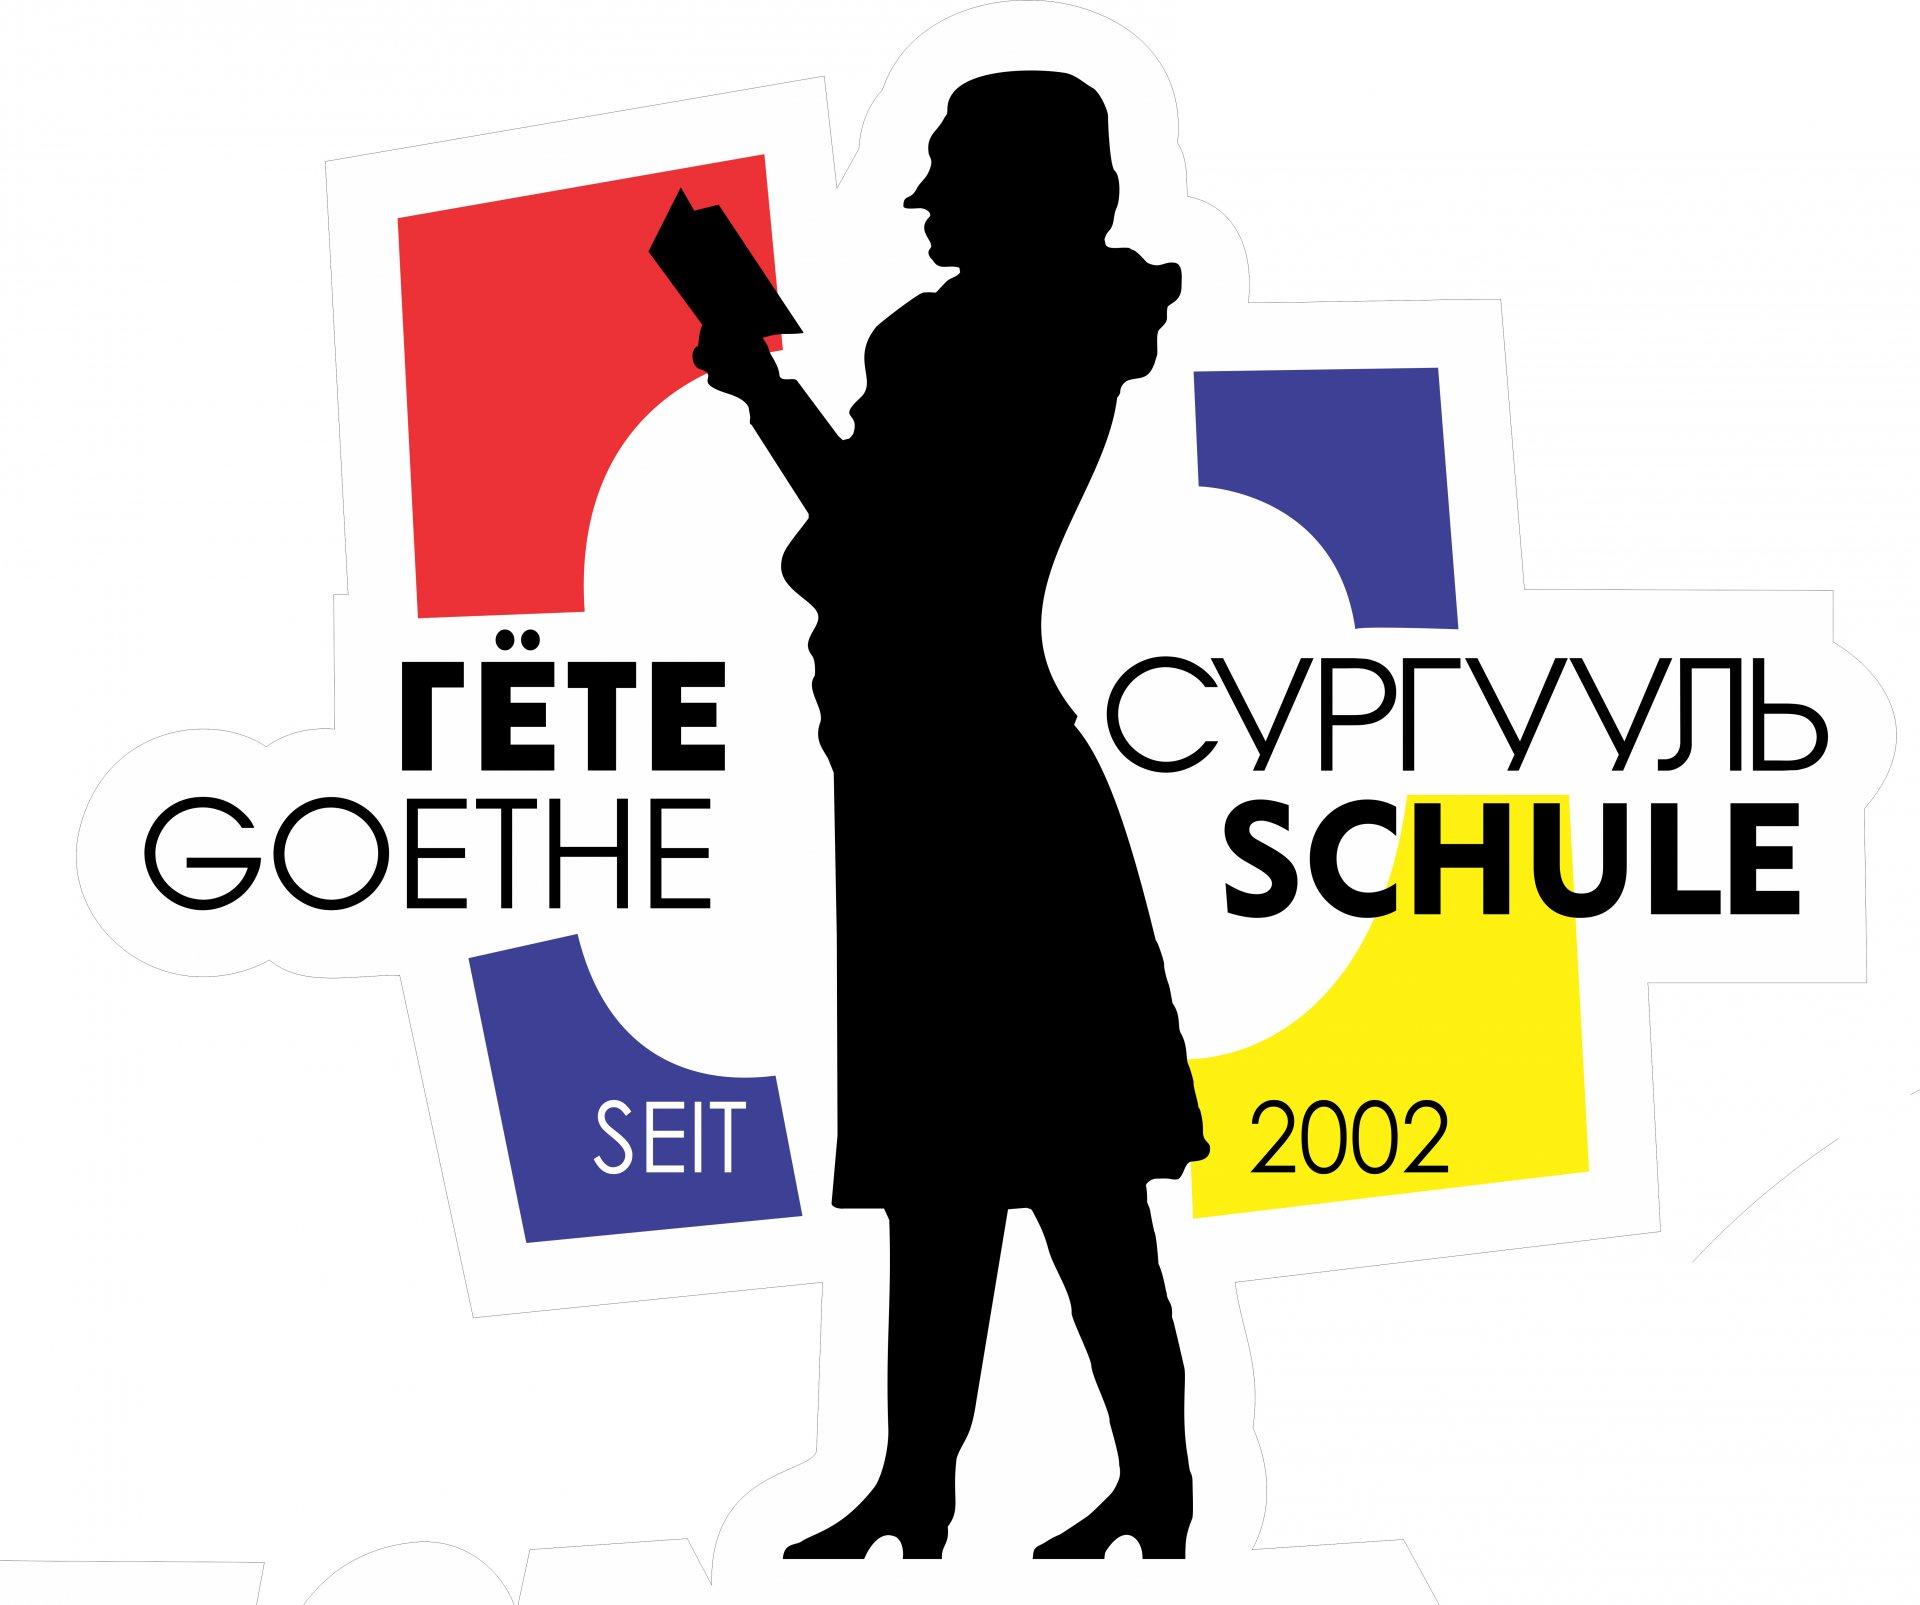 Гёте сургуулийн жилийн төлөвлөгөө